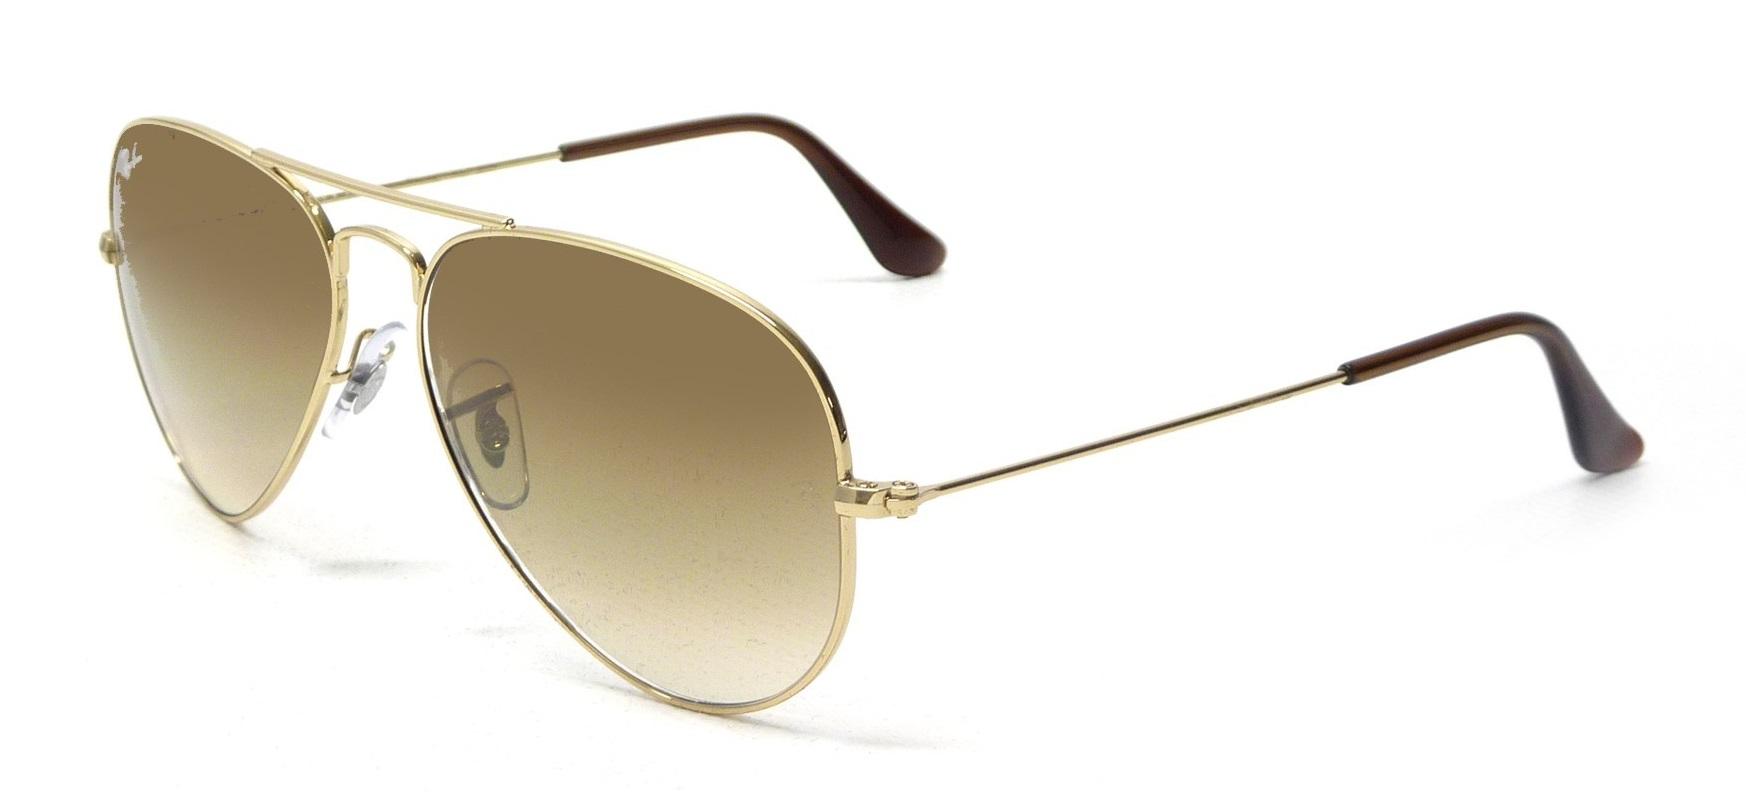 Óculos de Sol Rayban Aviator RB3025 001/51